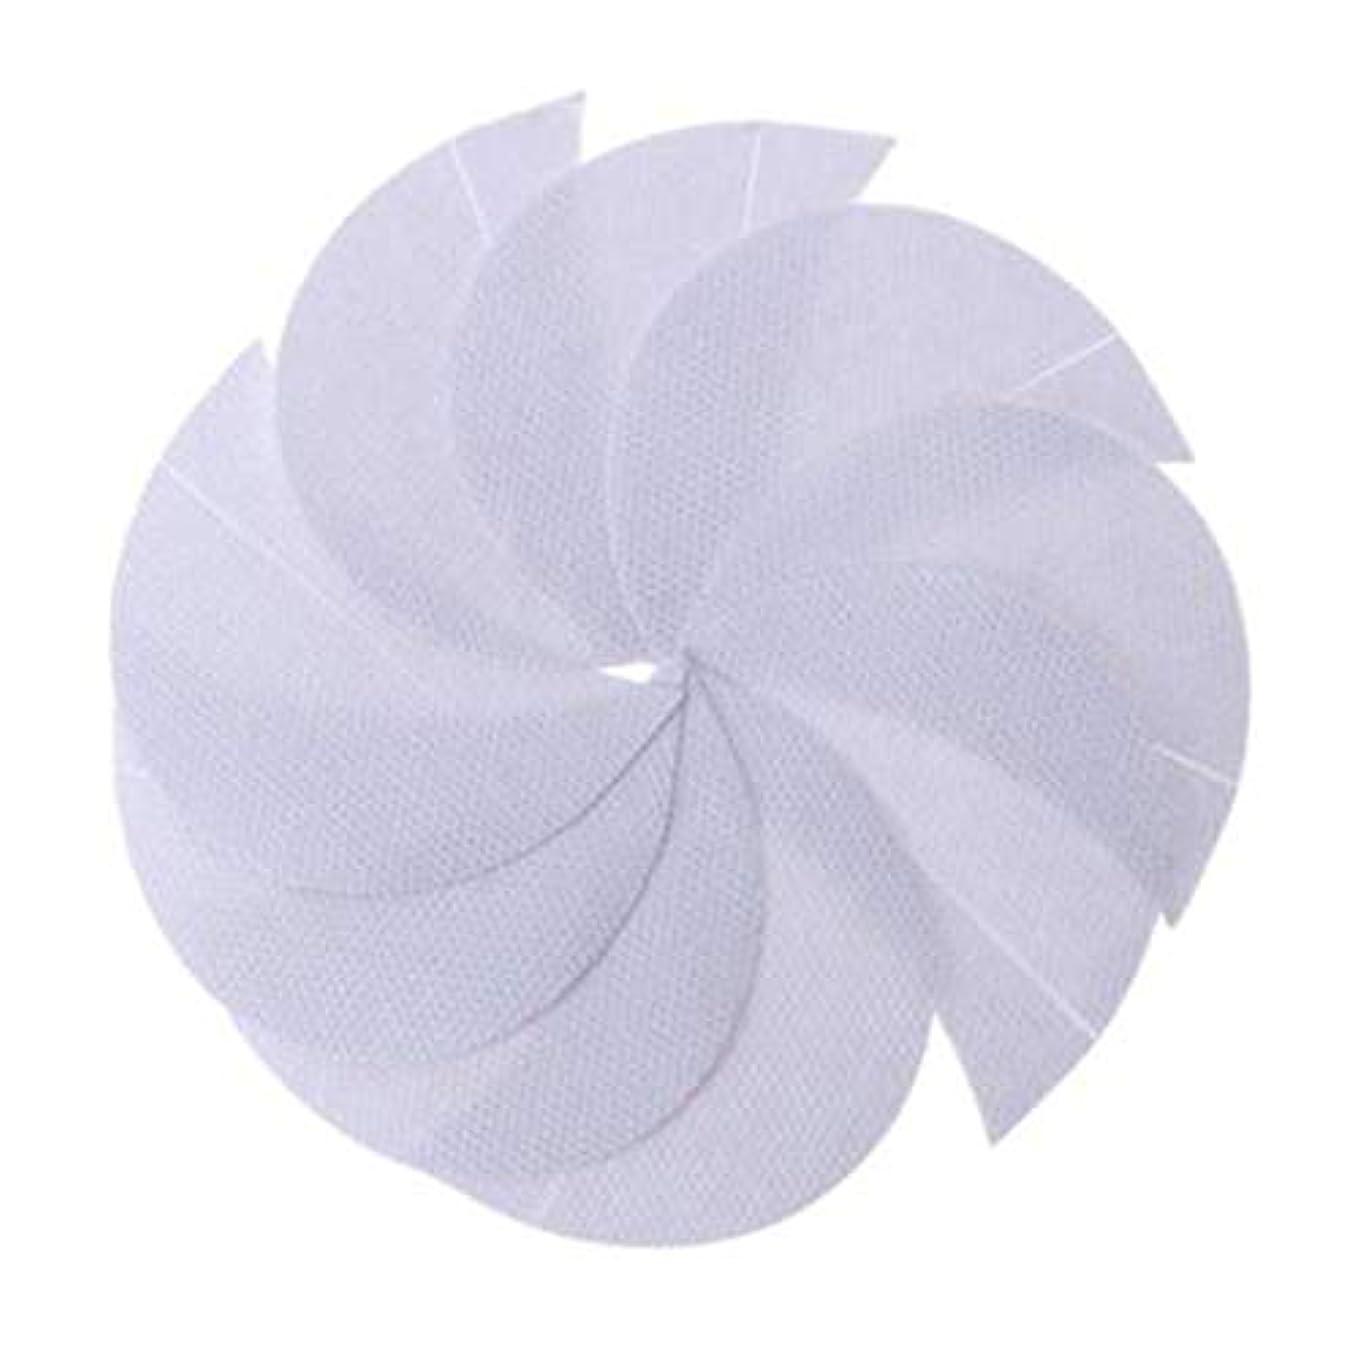 拷問単語攻撃的Rabugogo 100個/袋不織布アイシャドーシールドアイシャドージェルパッドパッチアイシャドーステンシル防止まつげエクステ化粧品残留物